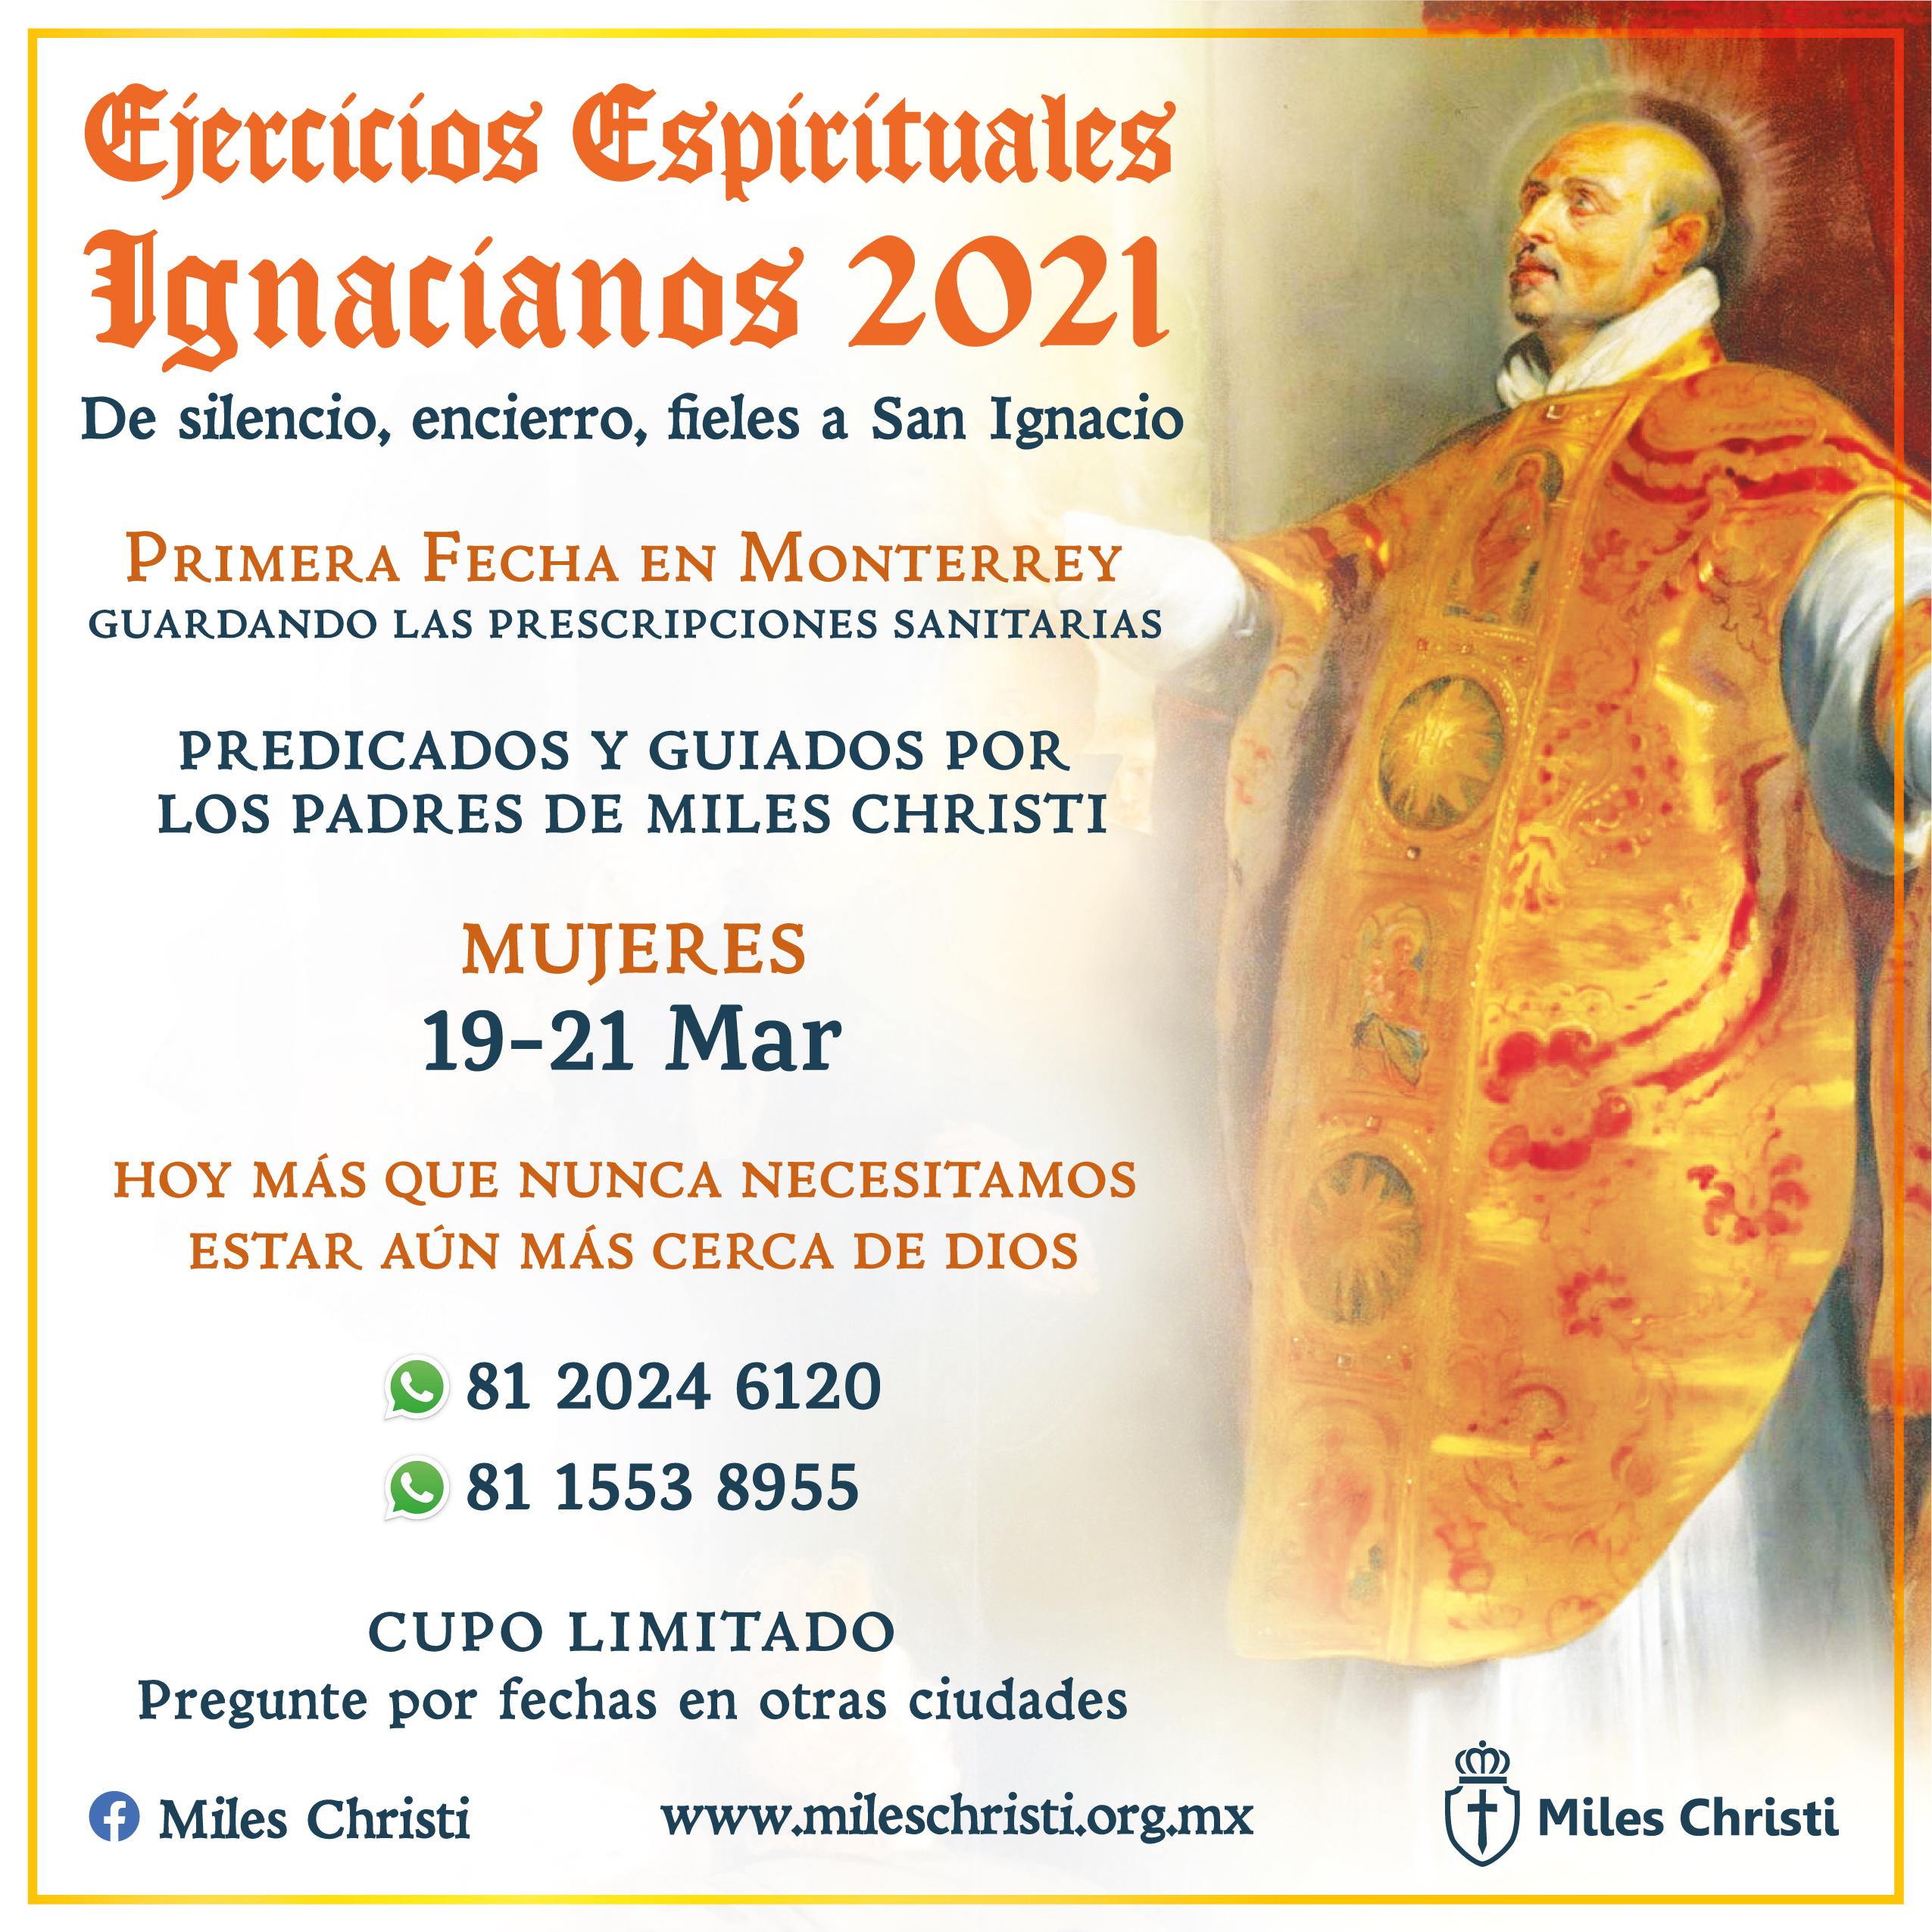 Ejercicios Espirituales Monterrey